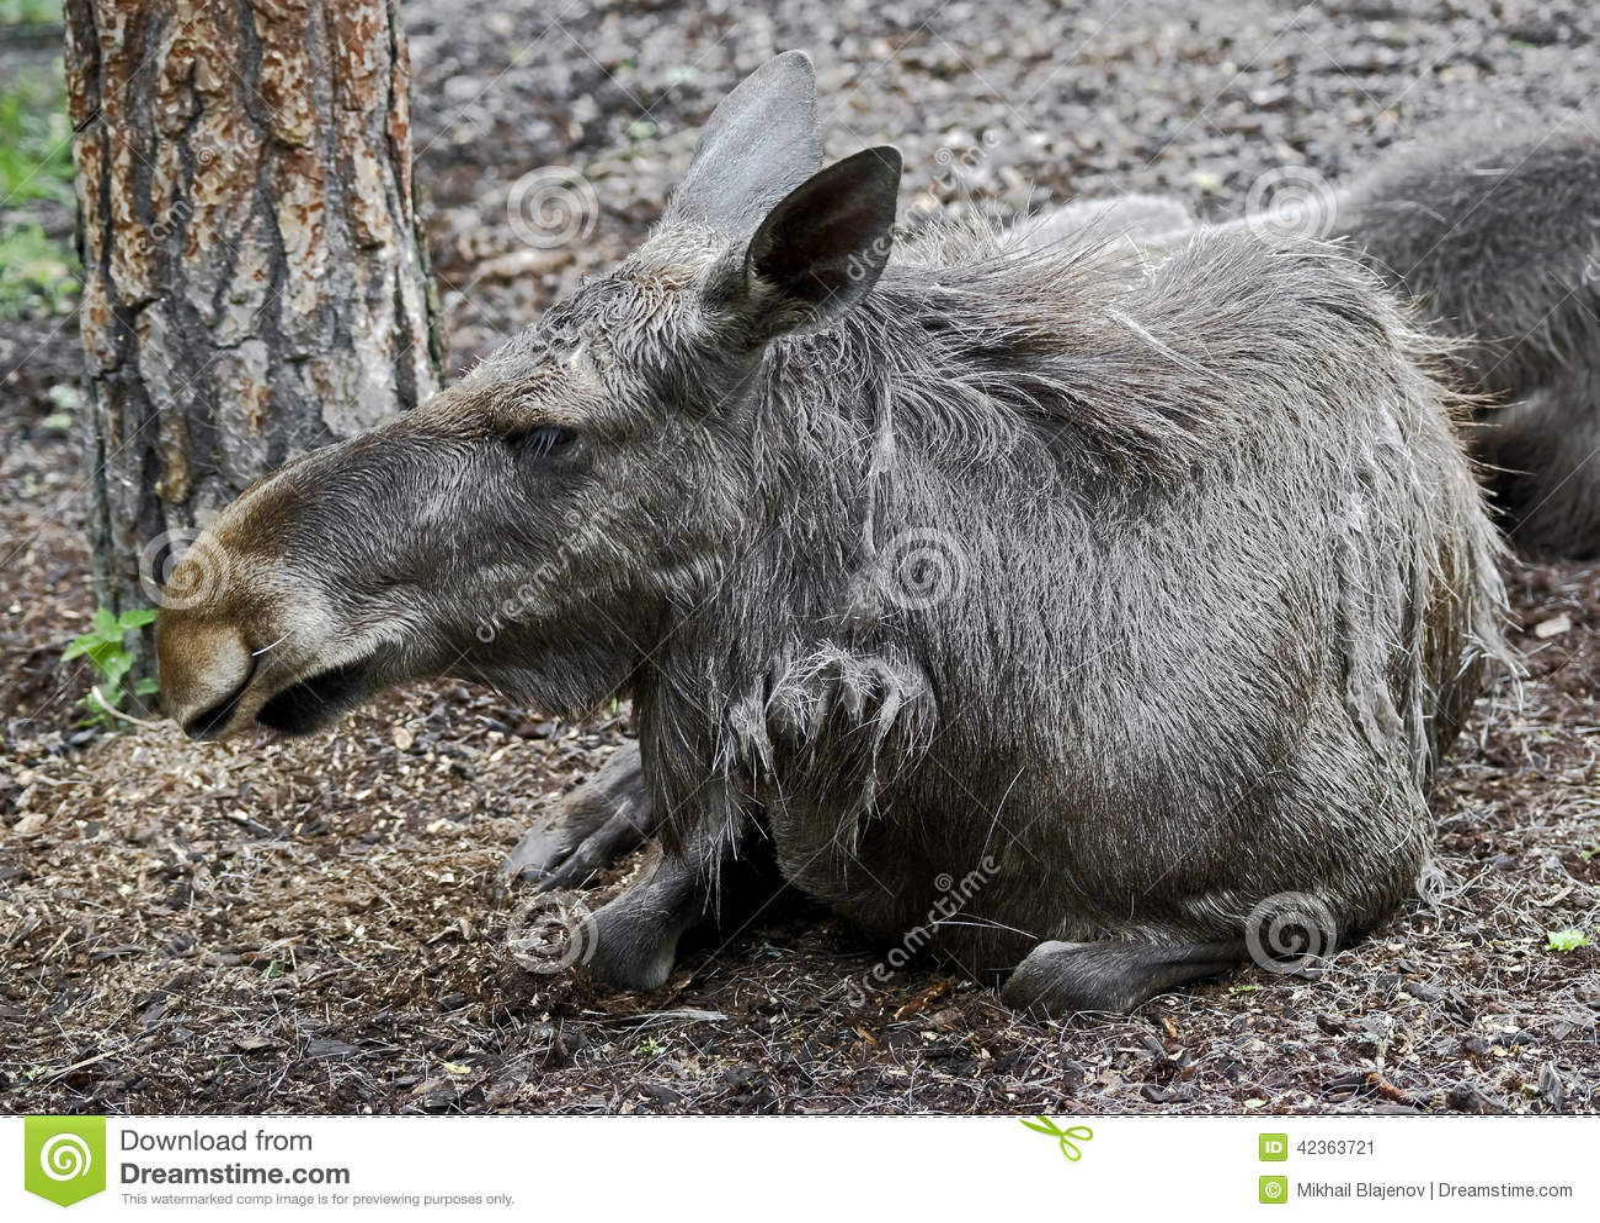 Eurasian elk - photo#8